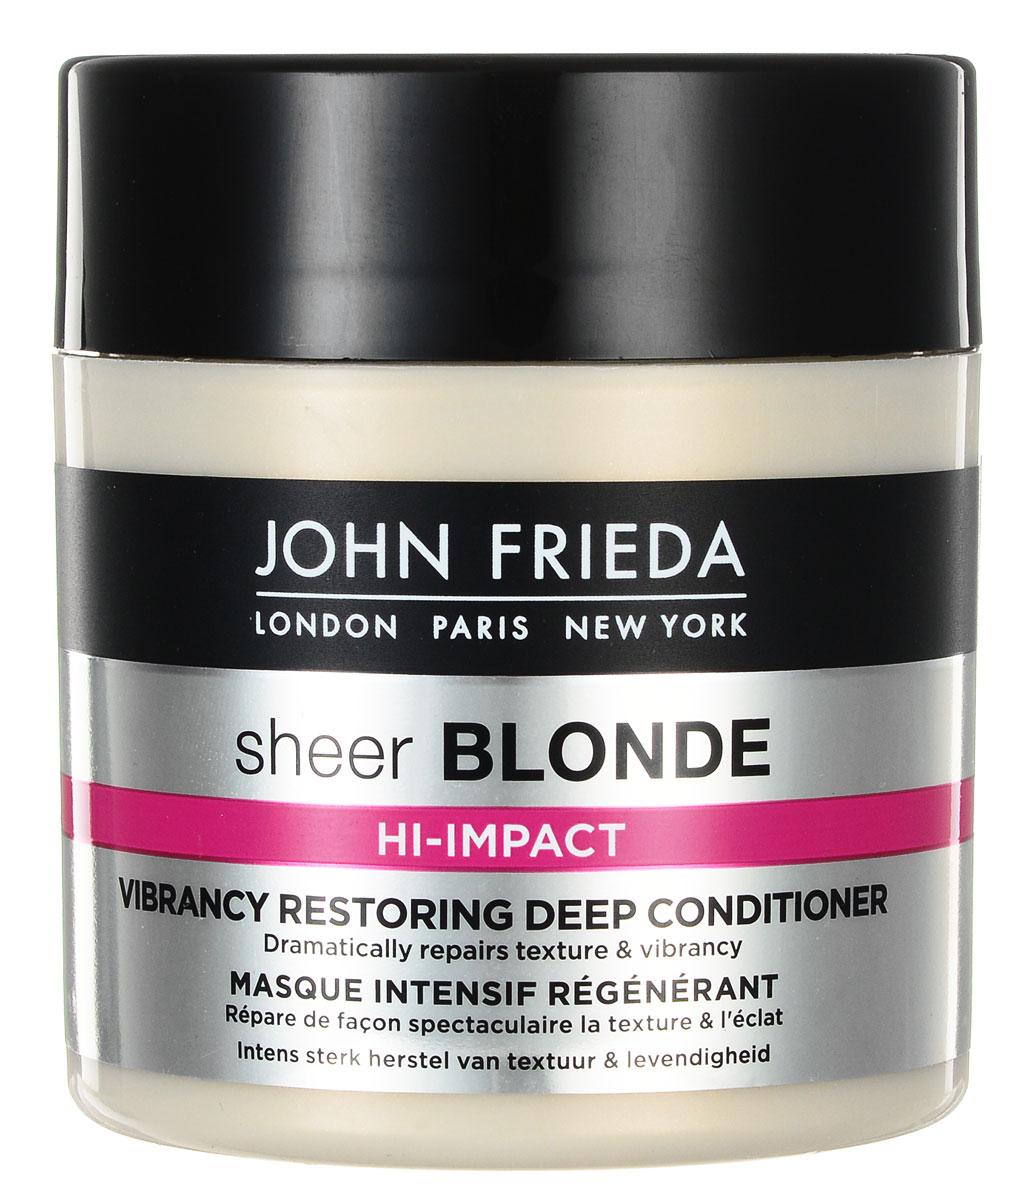 John Frieda Маска для восстановления сильно поврежденных волос Sheer Blonde Hi-Impact, 150 млMP59.4DМаска Sheer Blonde Hi-Impact от John Frieda интенсивно восстанавливает поврежденную структуру светлых волос. Это великолепный помощник в уходе засильно ослабленными волосами. Благодаря уникальным компонентам, входящим в состав, она увлажняет кожу головы, питает и восстанавливает повреждённые после окрашивания волосы, придаёт им жизненную силу, предотвращает ломкость. При регулярном использовании локоны становятся более послушными, легче расчёсываются. Подарите своим волосам здоровый и сияющий вид.Товар сертифицирован.